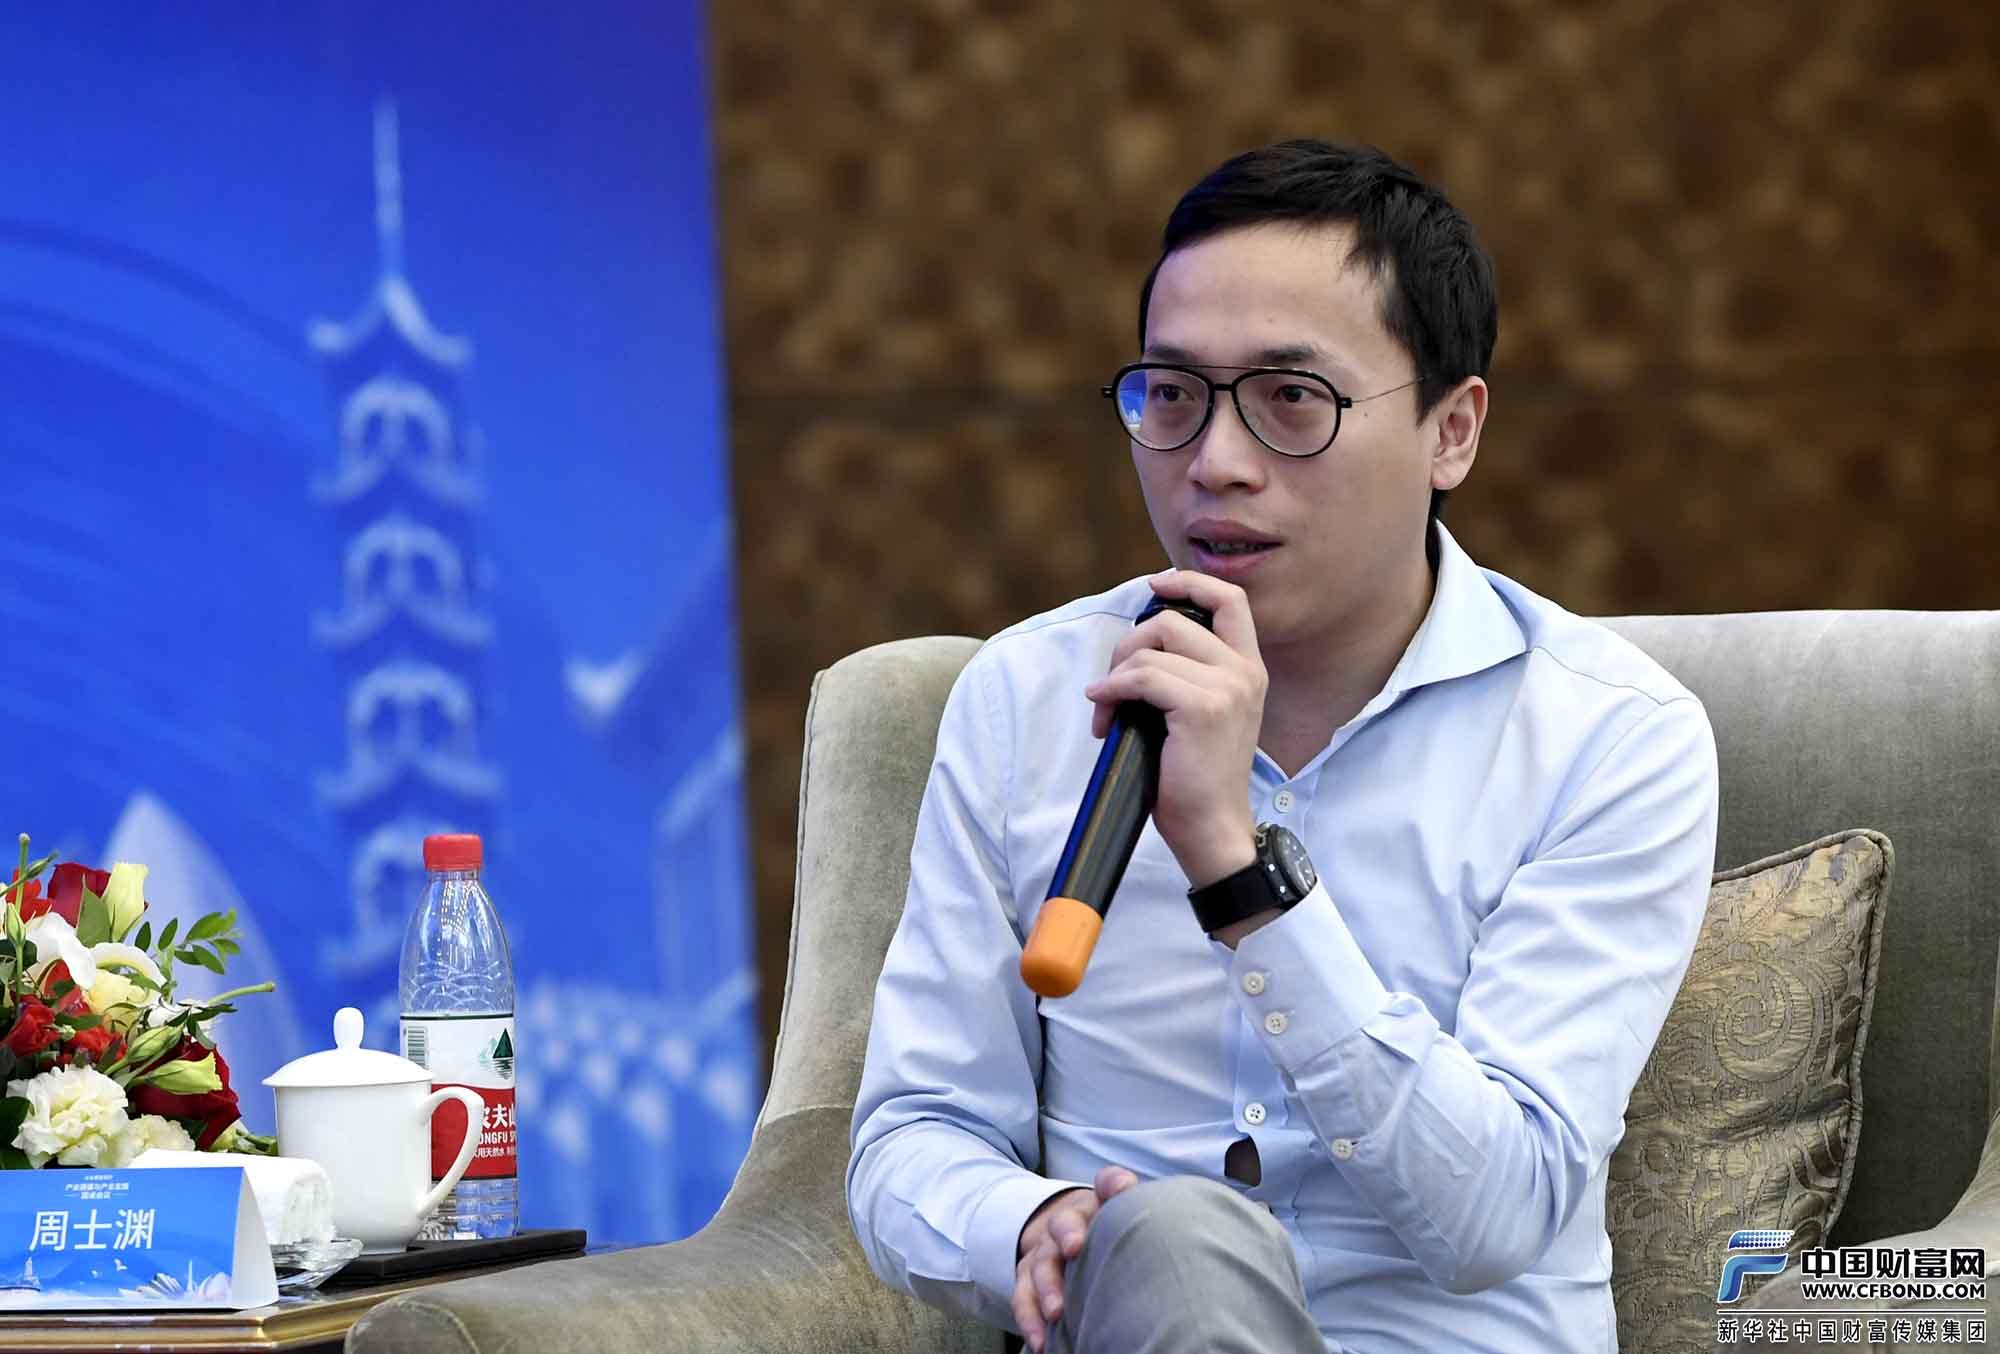 七匹狼控股集团股份有限公司副总裁周士渊发言